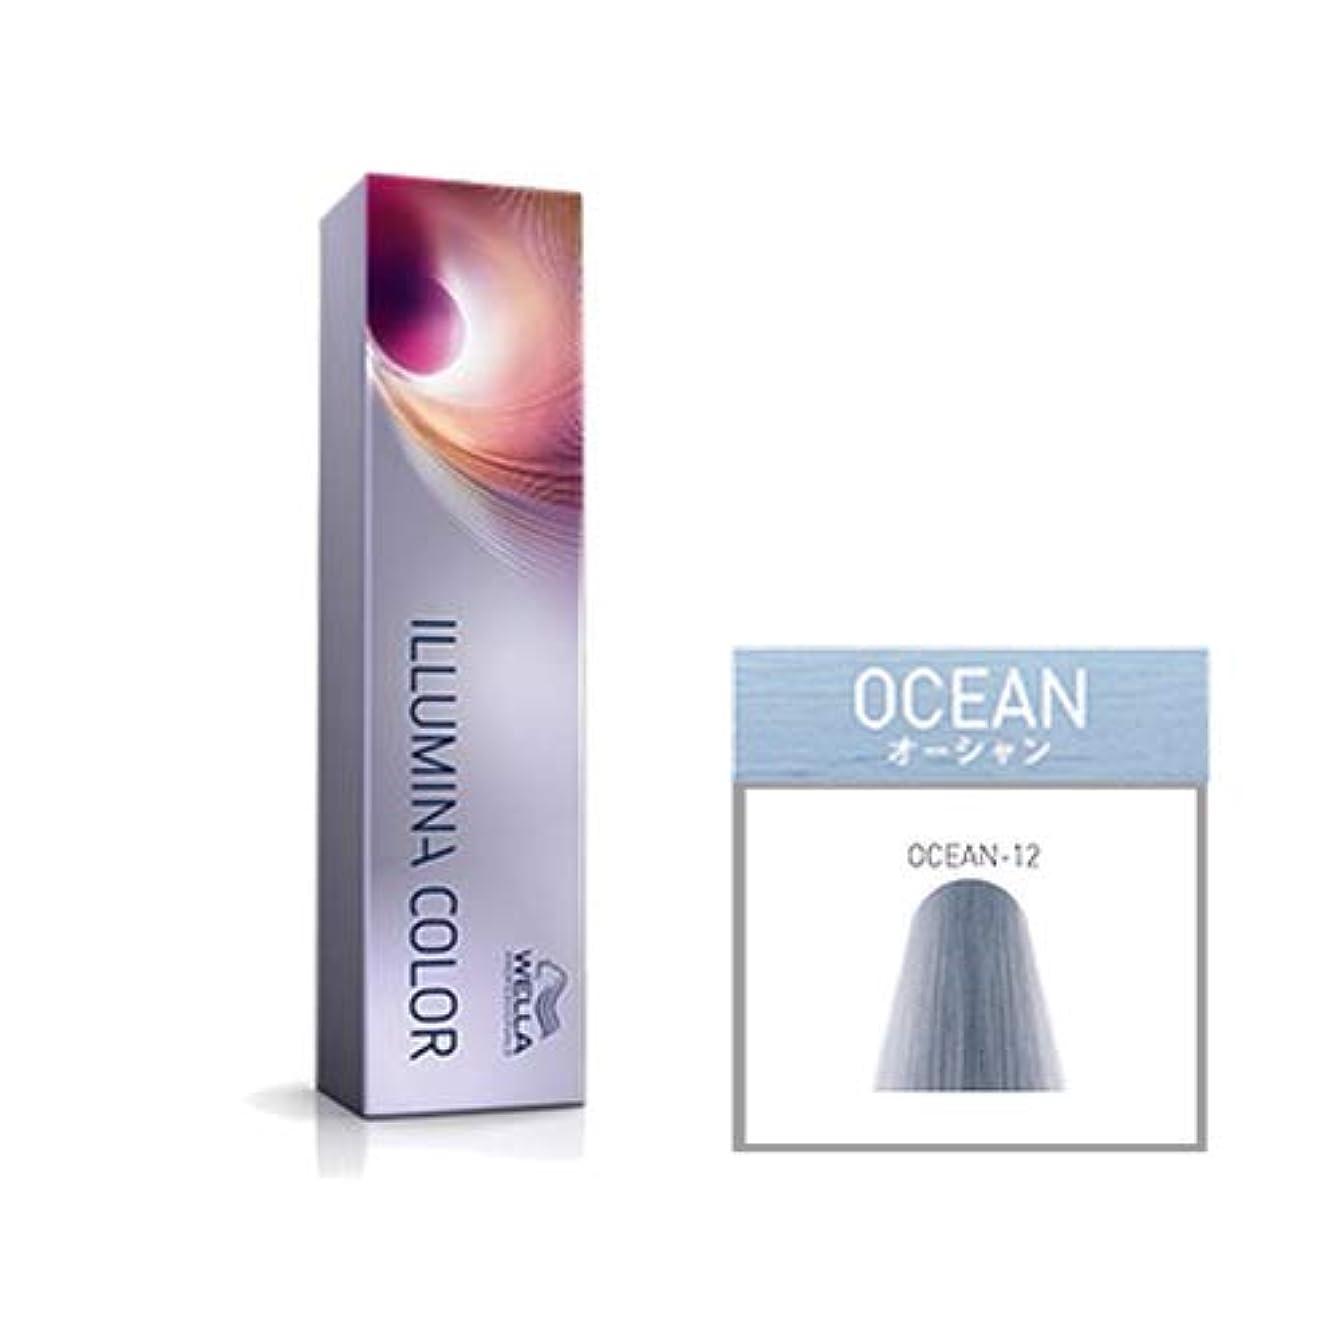 害あからさま光沢ウエラ プロフェッショナル イルミナ カラー オーシャン OCEAN-12 80g